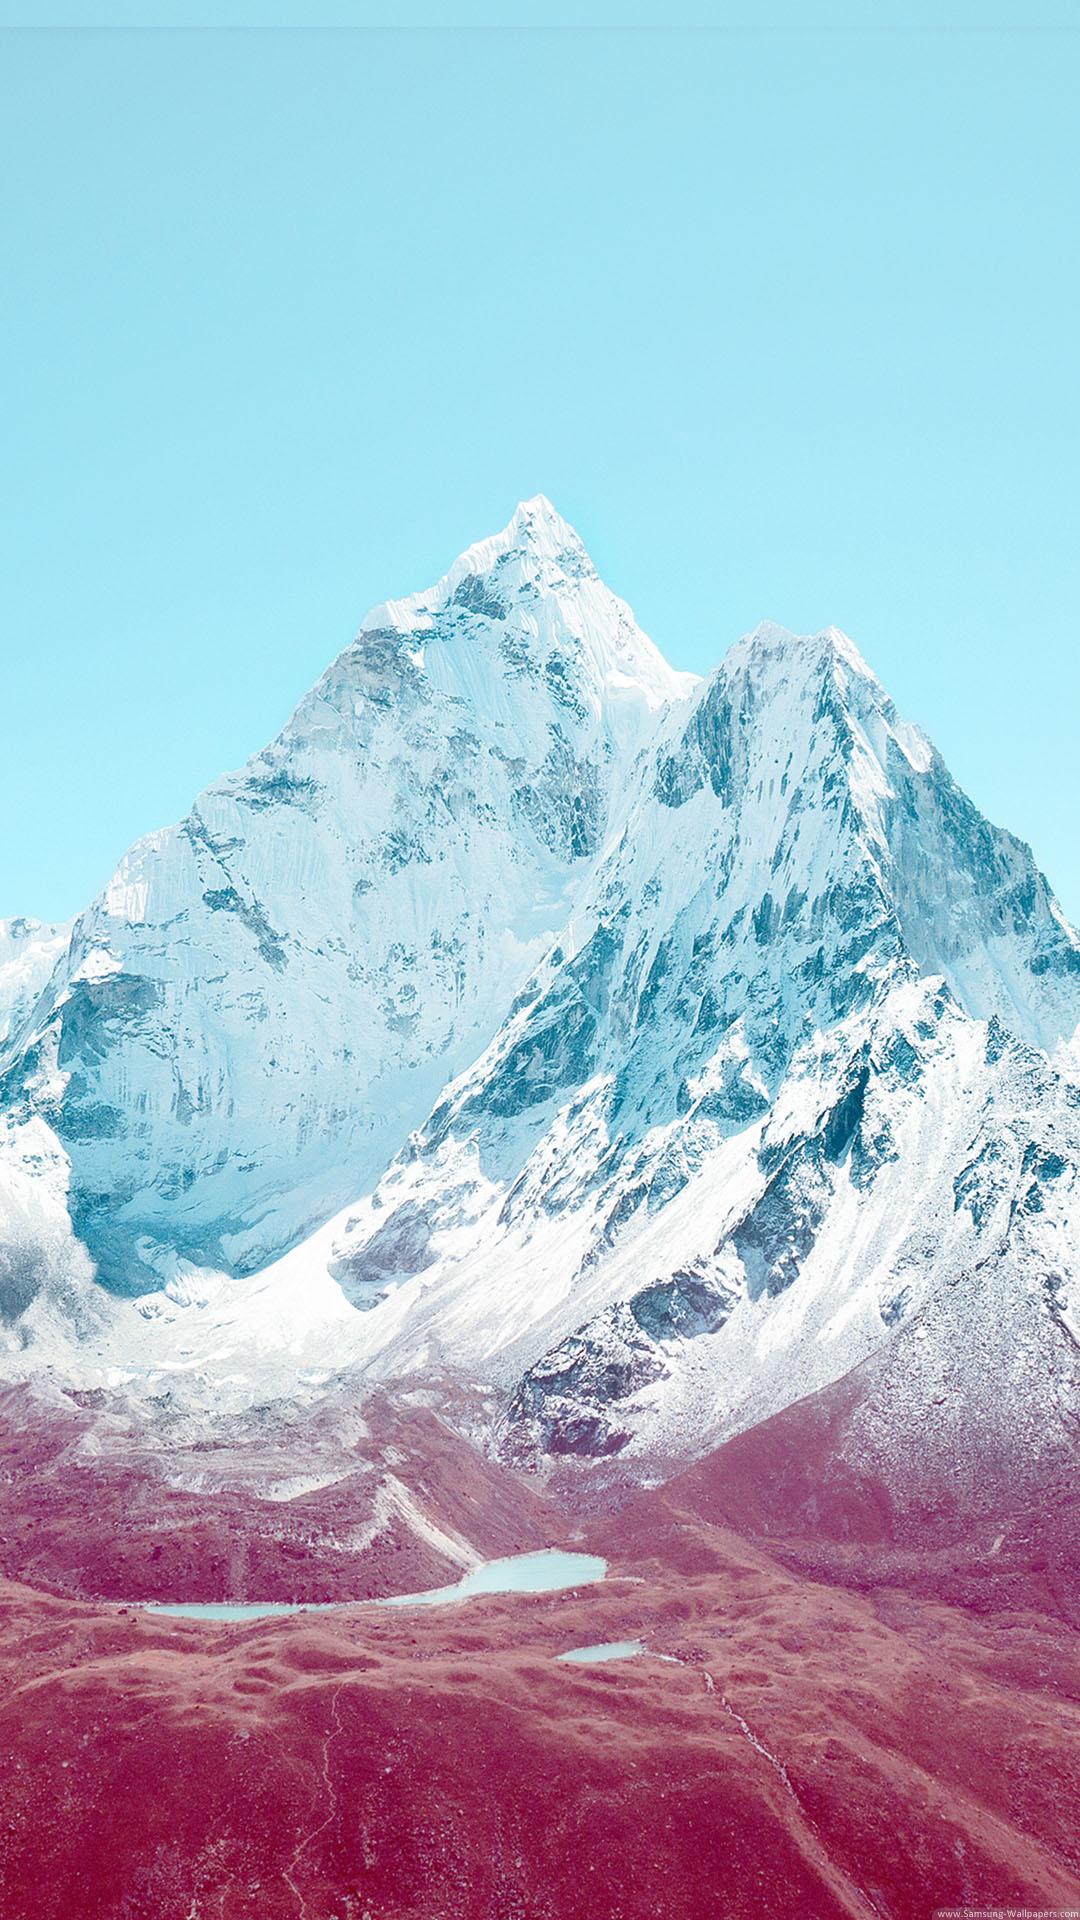 42 Apple Mountain Wallpaper On Wallpapersafari